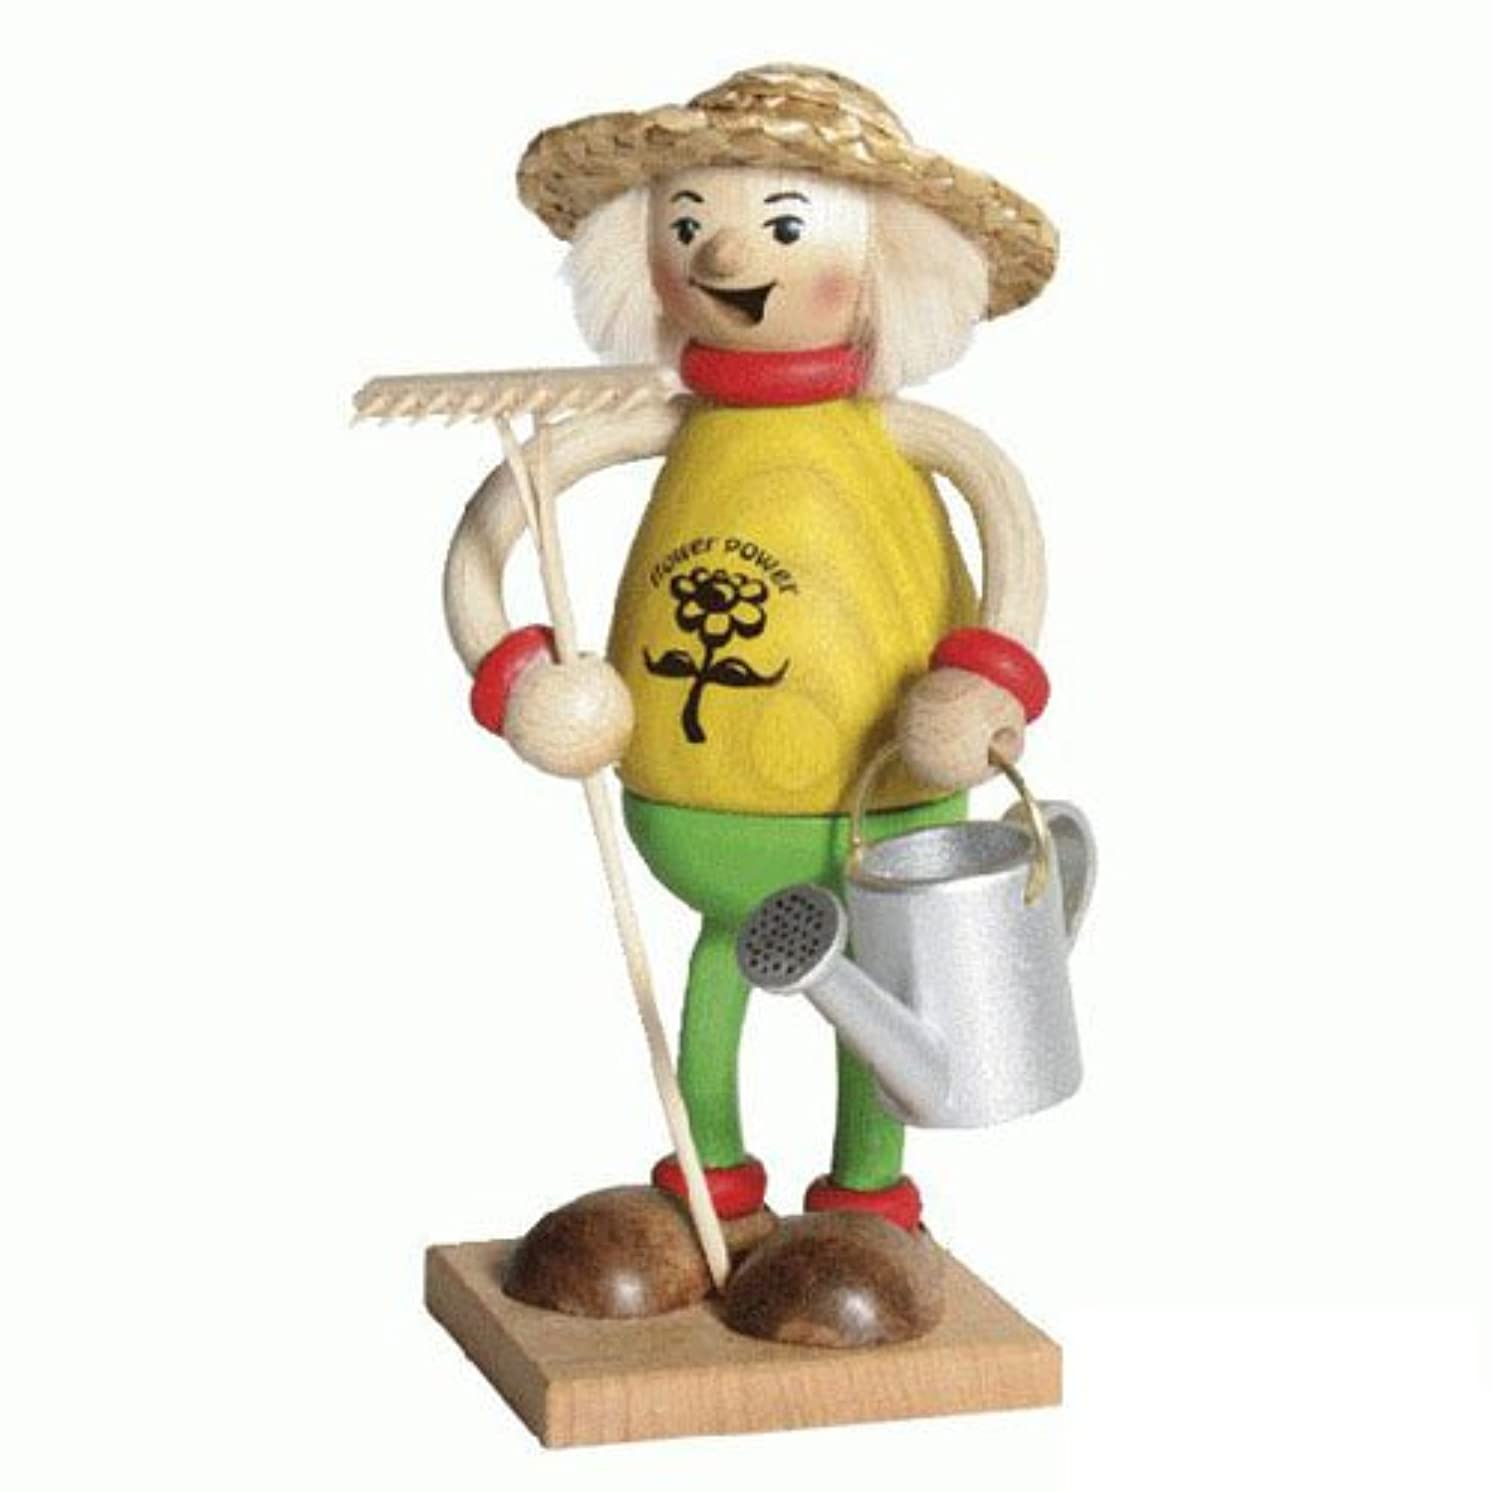 アウター中庭団結する39092 Kuhnert(クーネルト) ミニパイプ人形香炉 ガーデニング